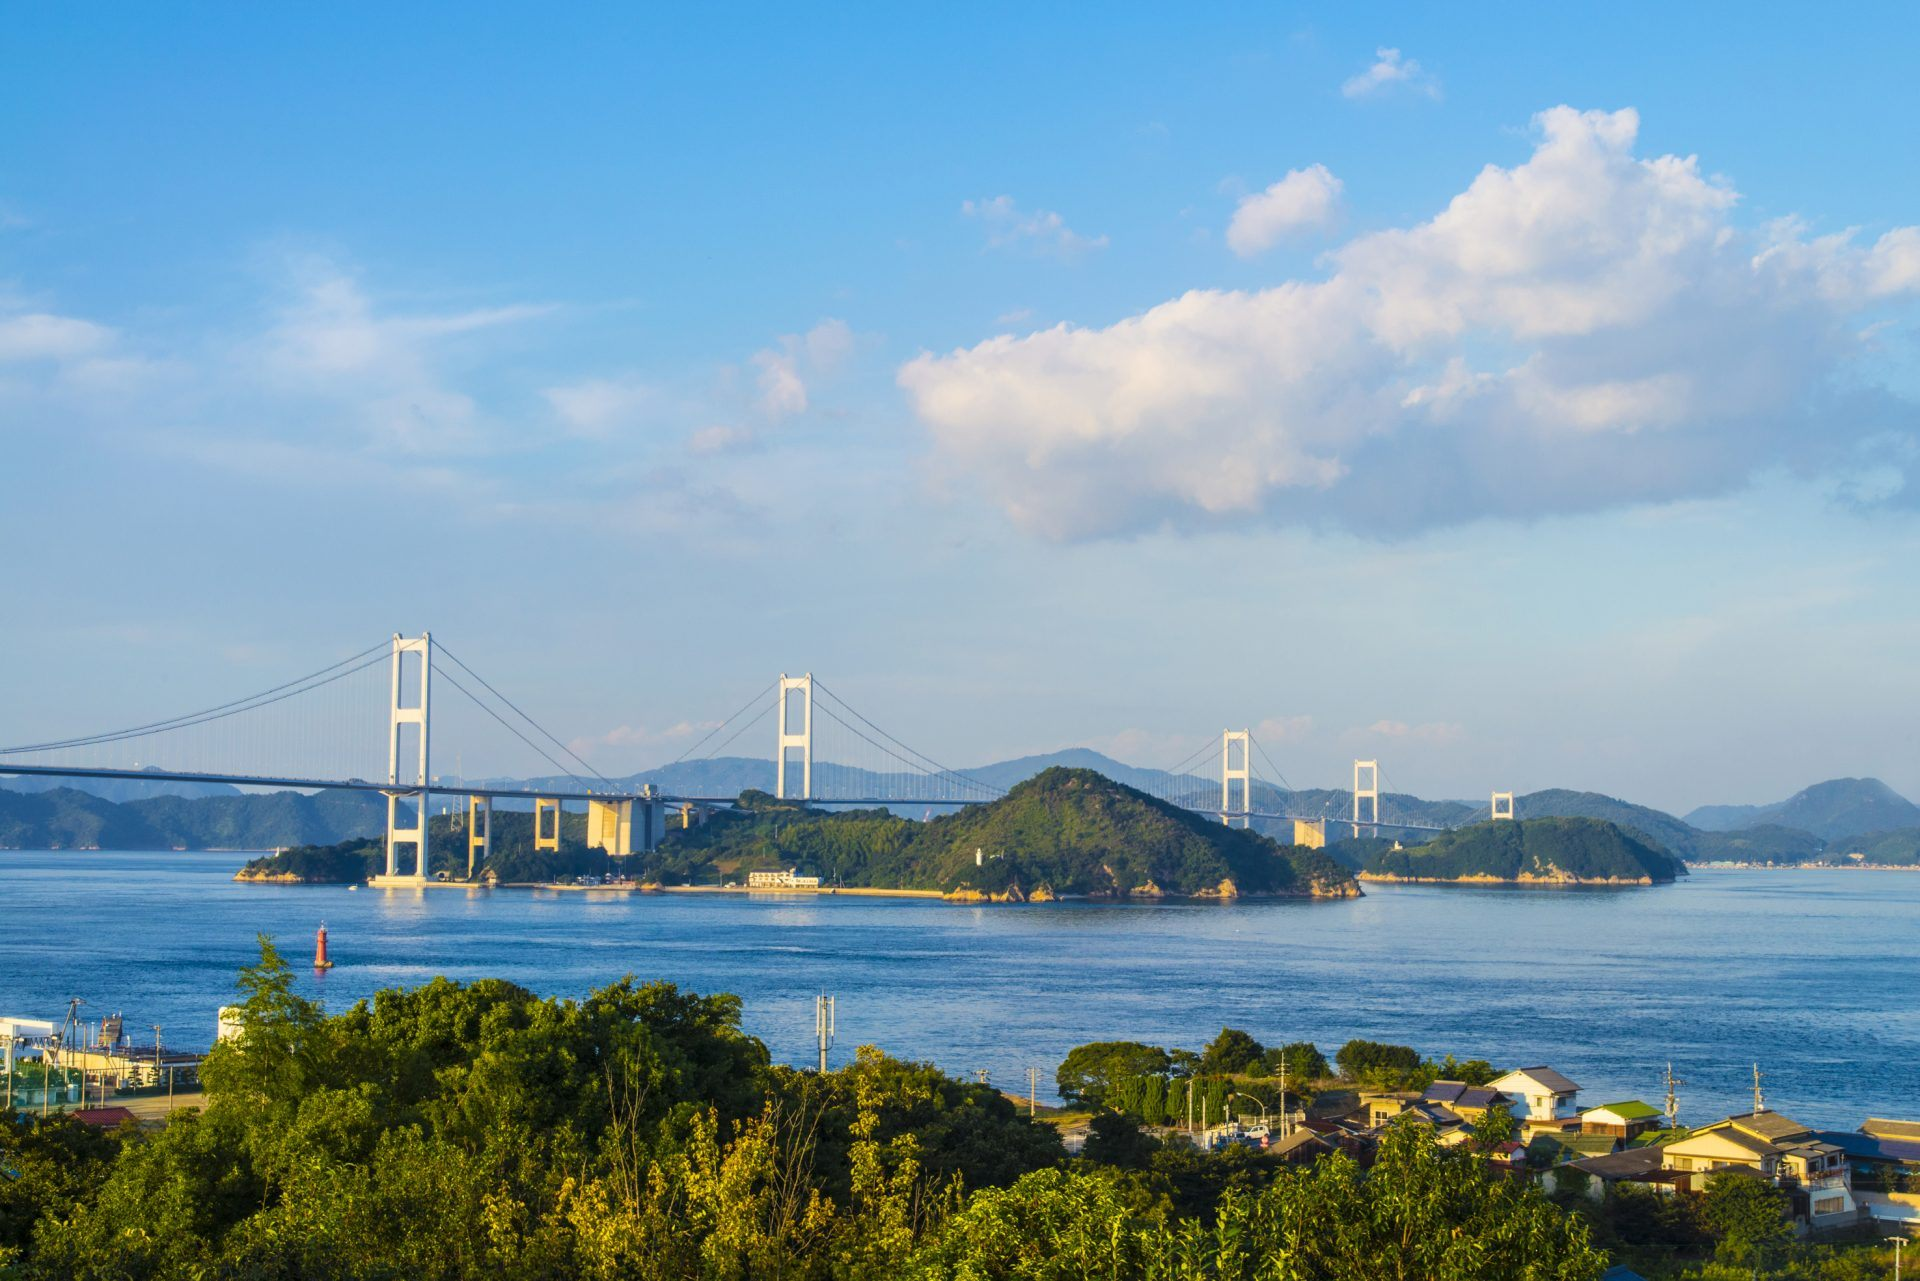 自行車、租借、兜風、島、西瀨戶自動車道、愛知、廣島